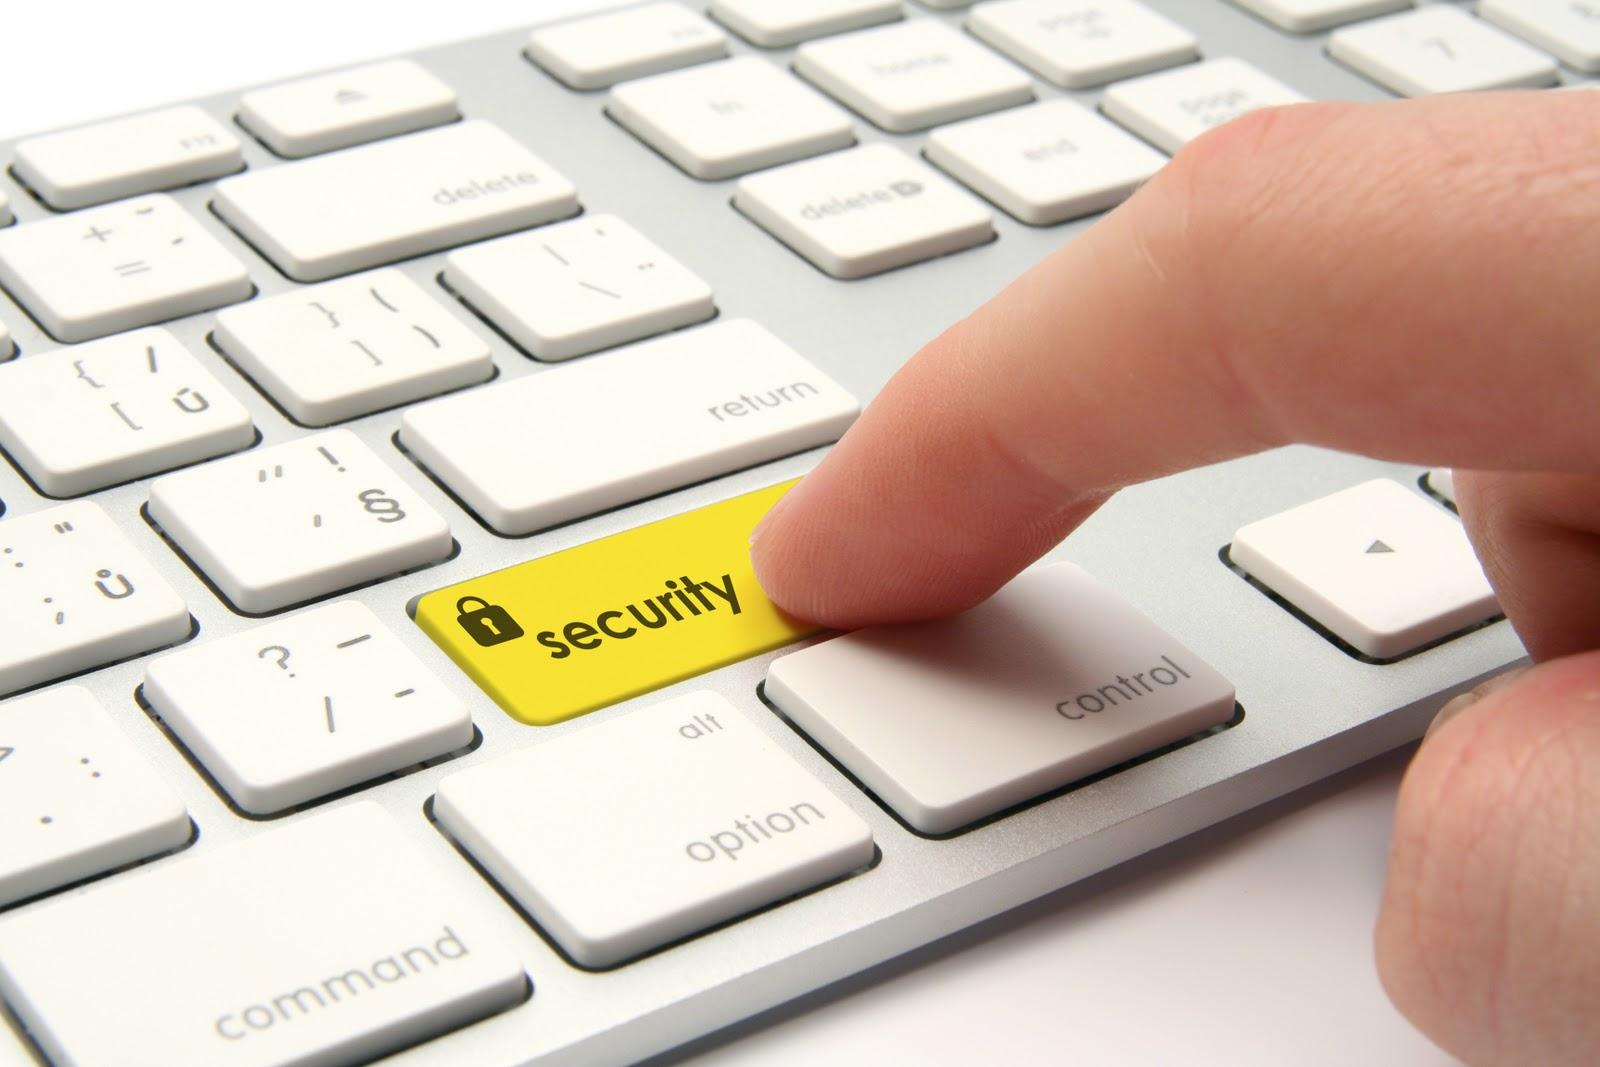 post 8 La seguridad online y nuestras costumbres